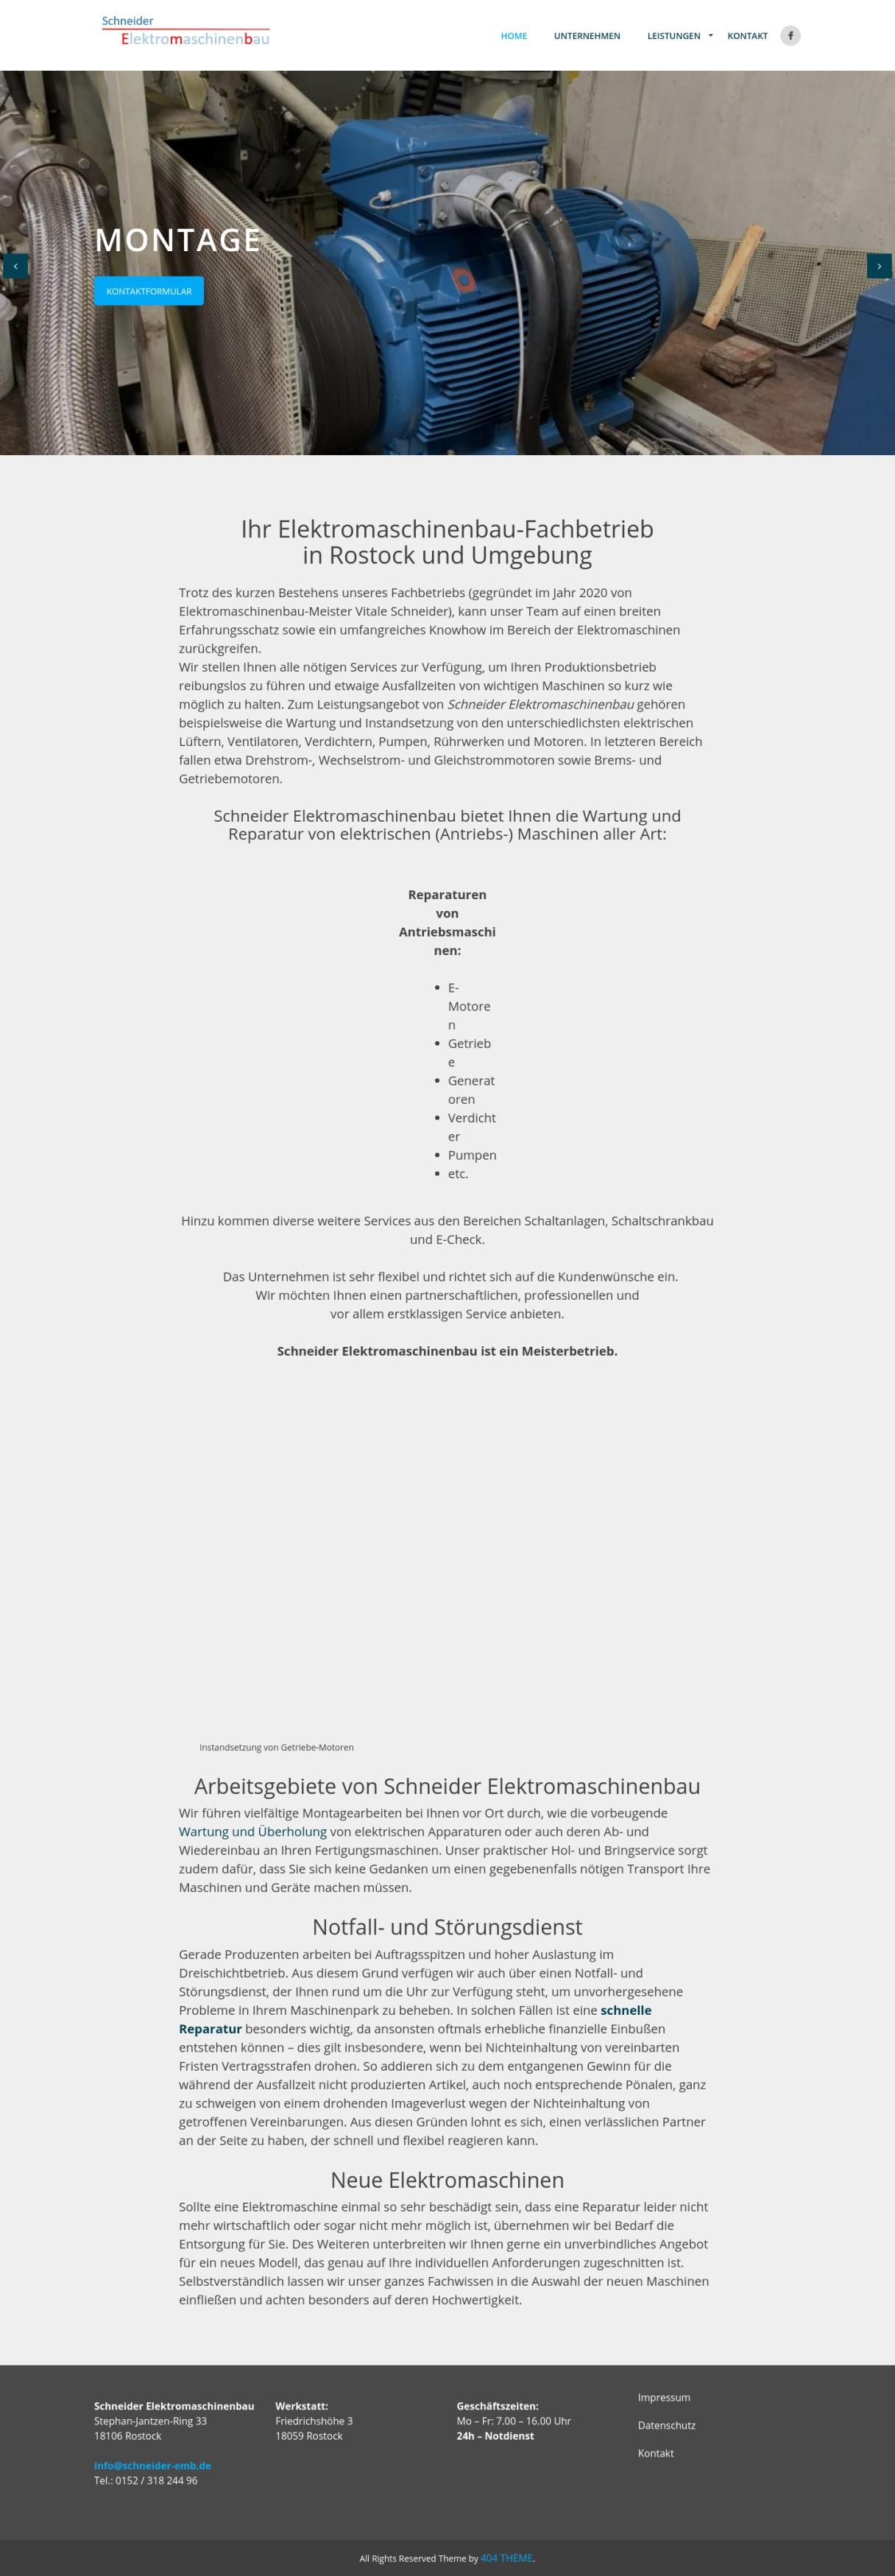 Schneider Elektromaschinenbau